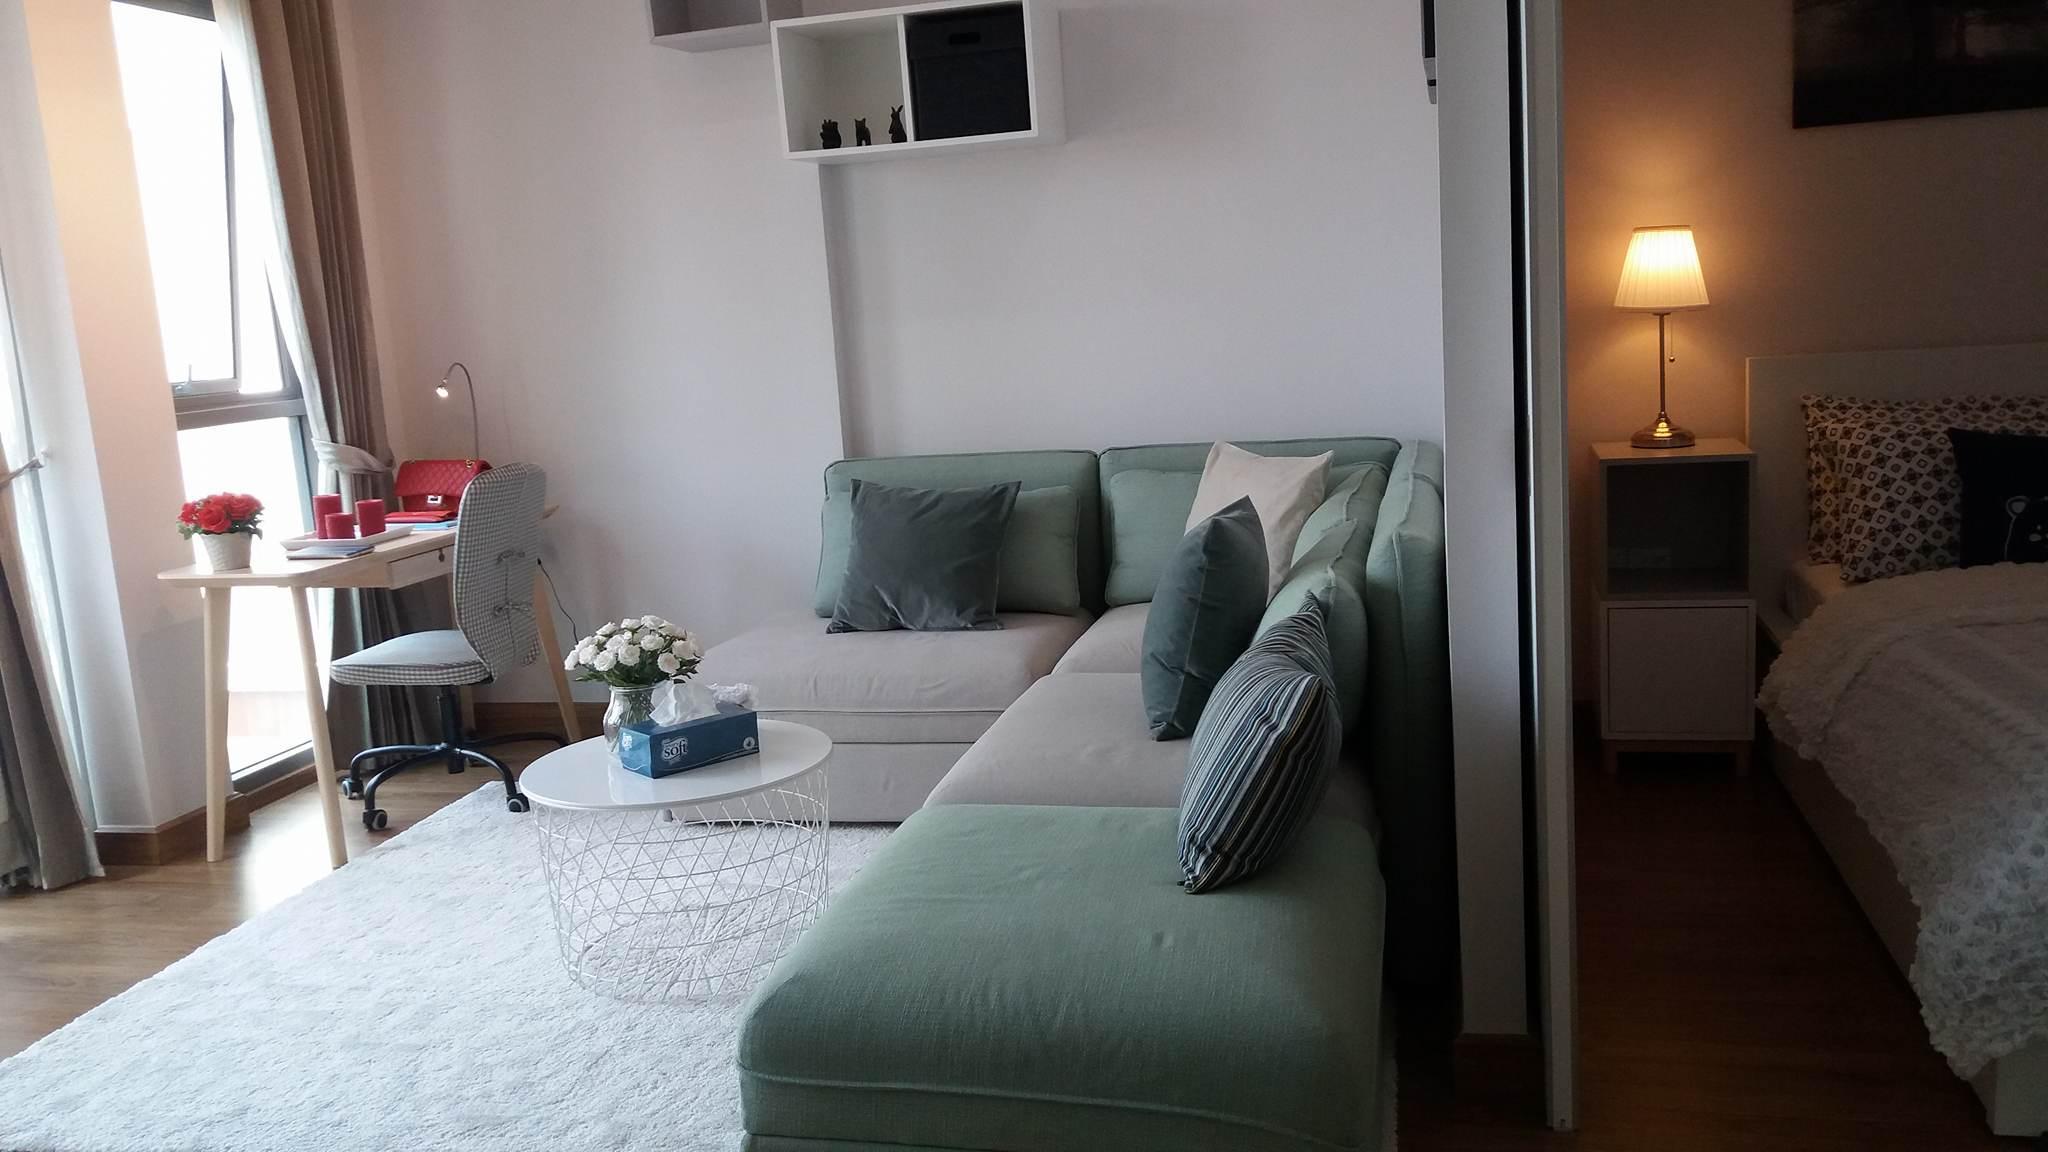 ,อพาร์ตเมนต์ 1 ห้องนอน 1 ห้องน้ำส่วนตัว ขนาด 47 ตร.ม. – นิมมานเหมินทร์